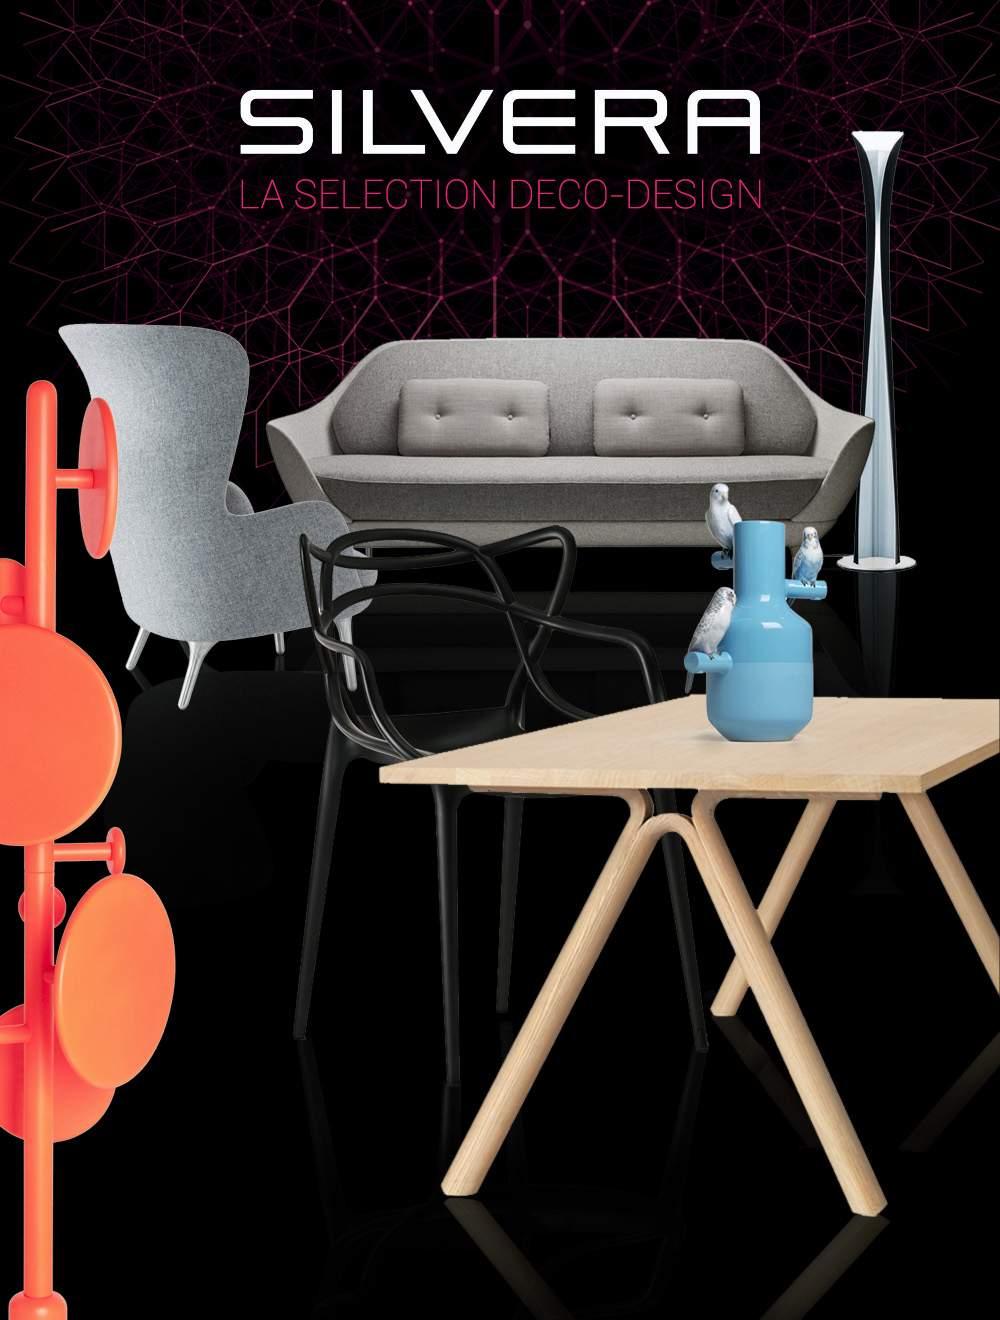 La Sélection Deco-Design chez SILVERA